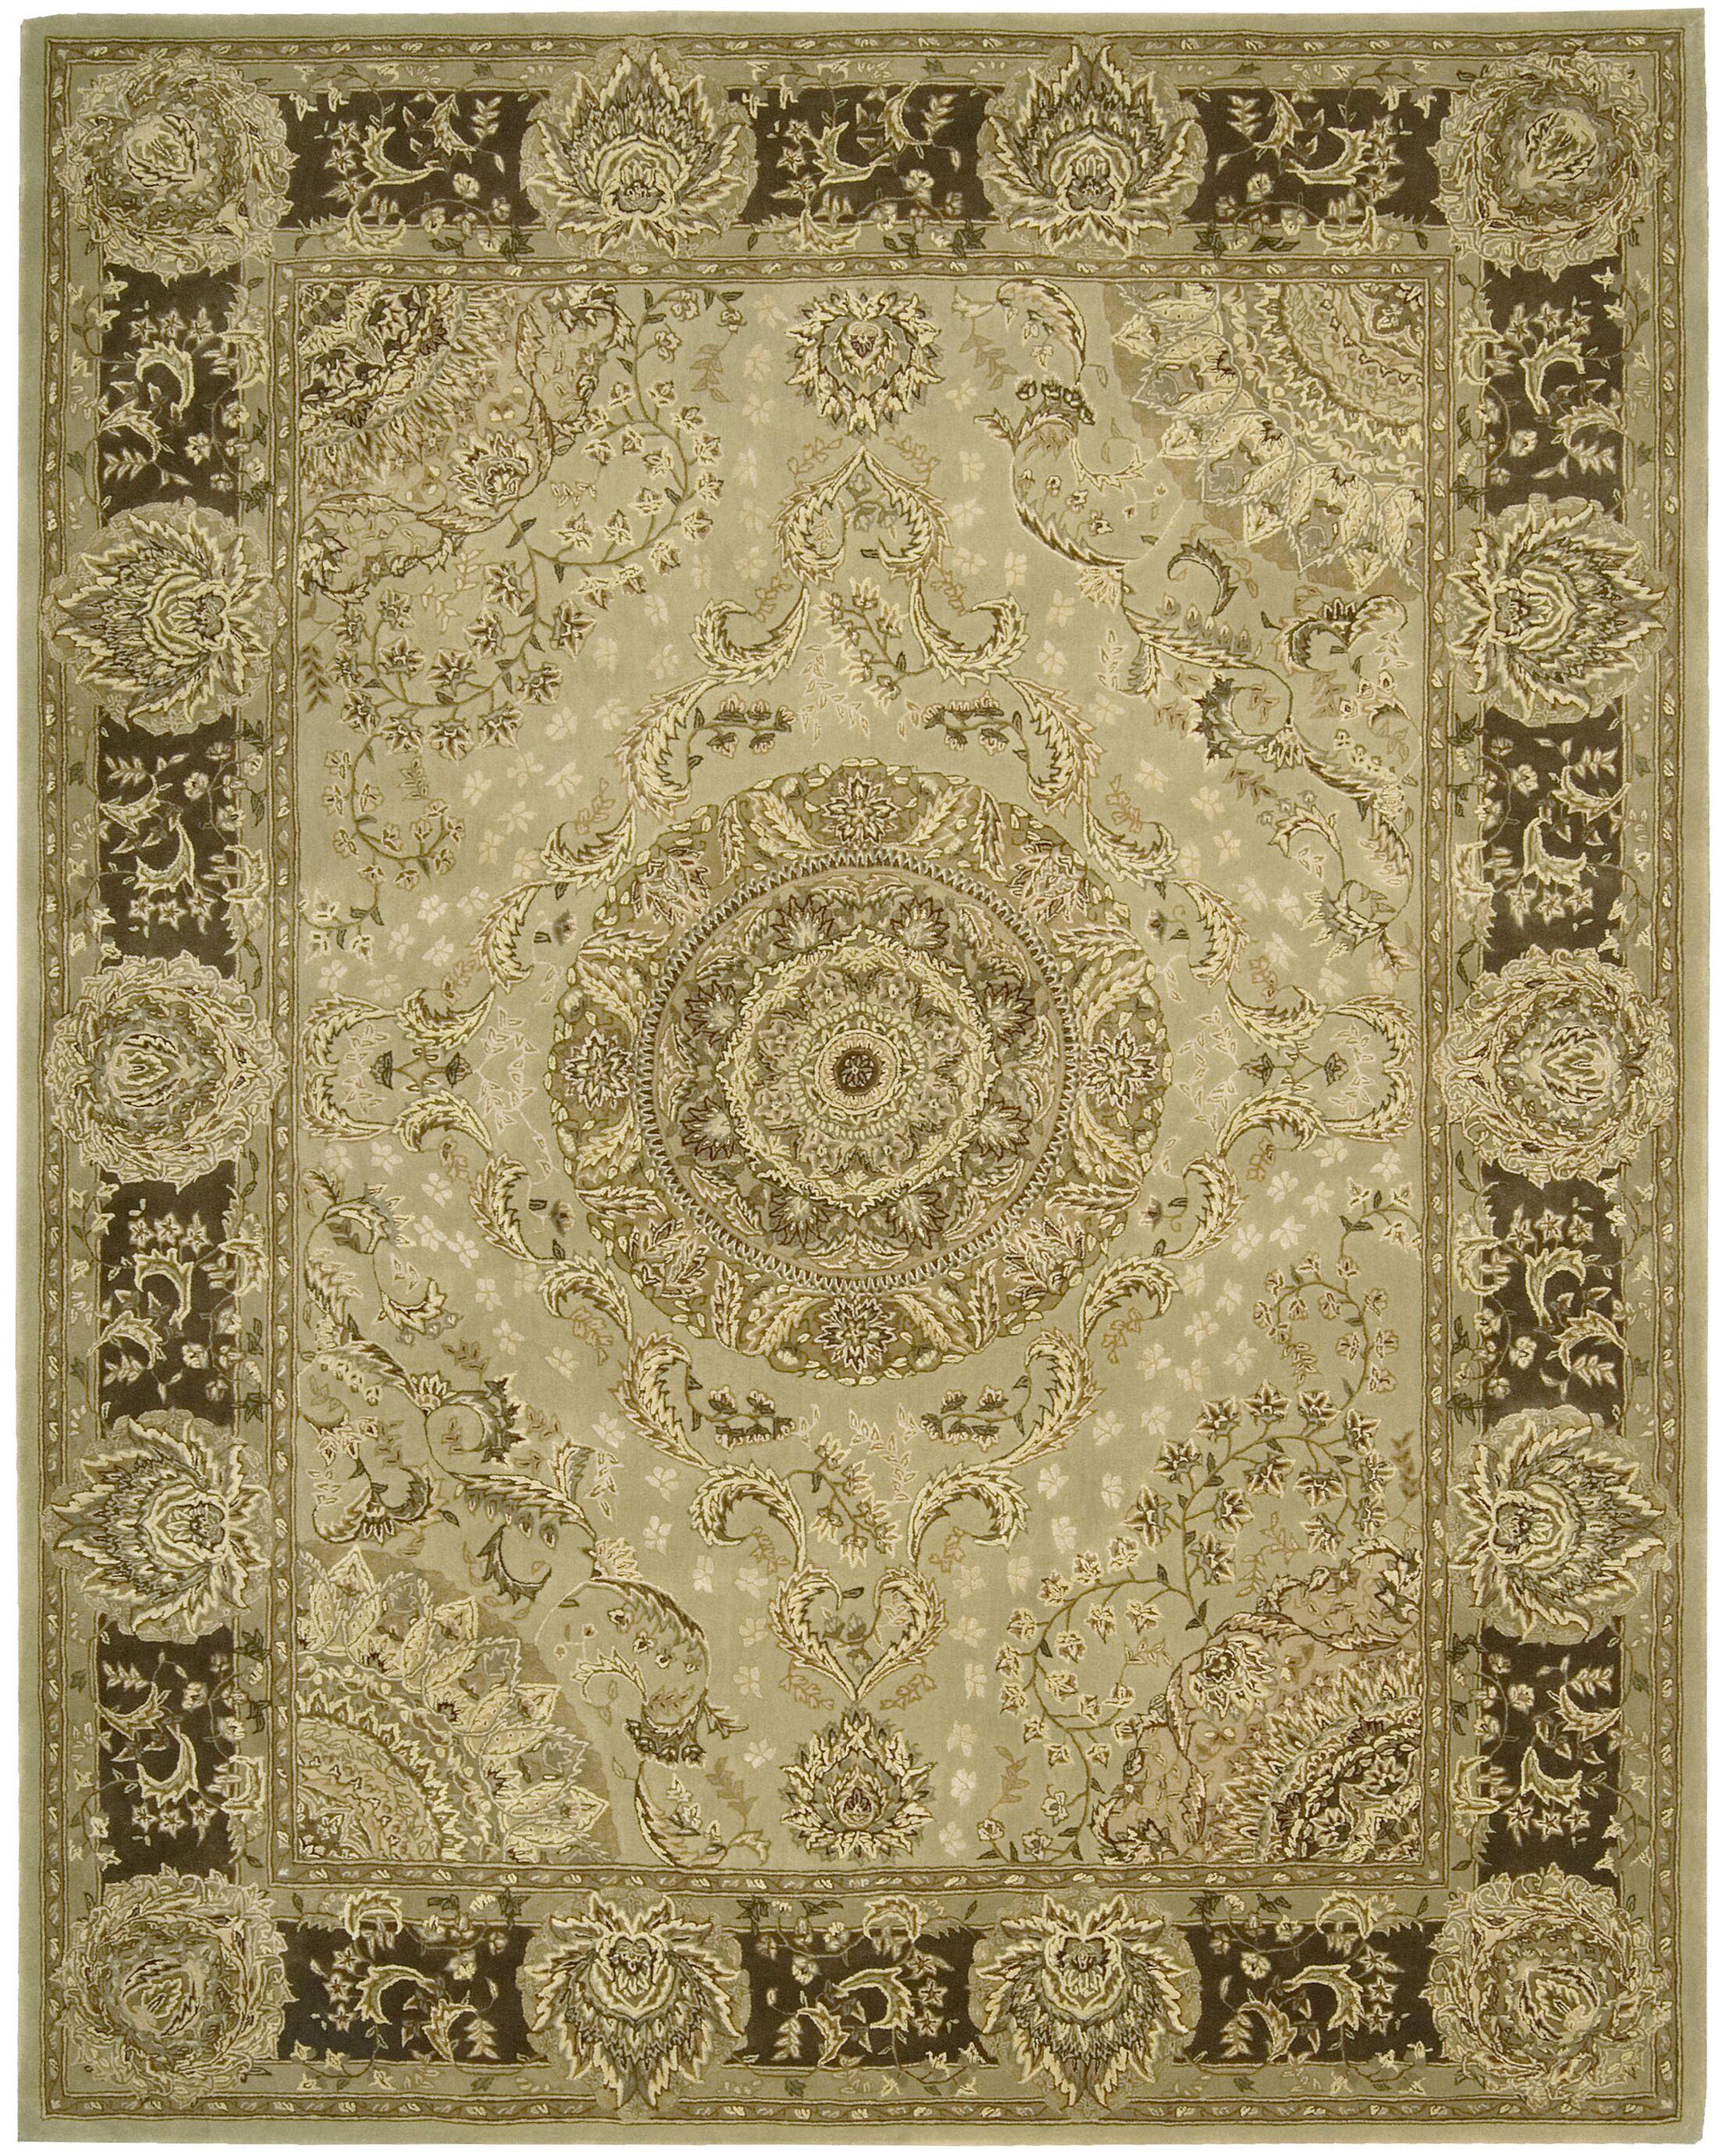 Buckhorn Hand Woven Wool Beige Indoor Area Rug Rug Size: Rectangle 5'6